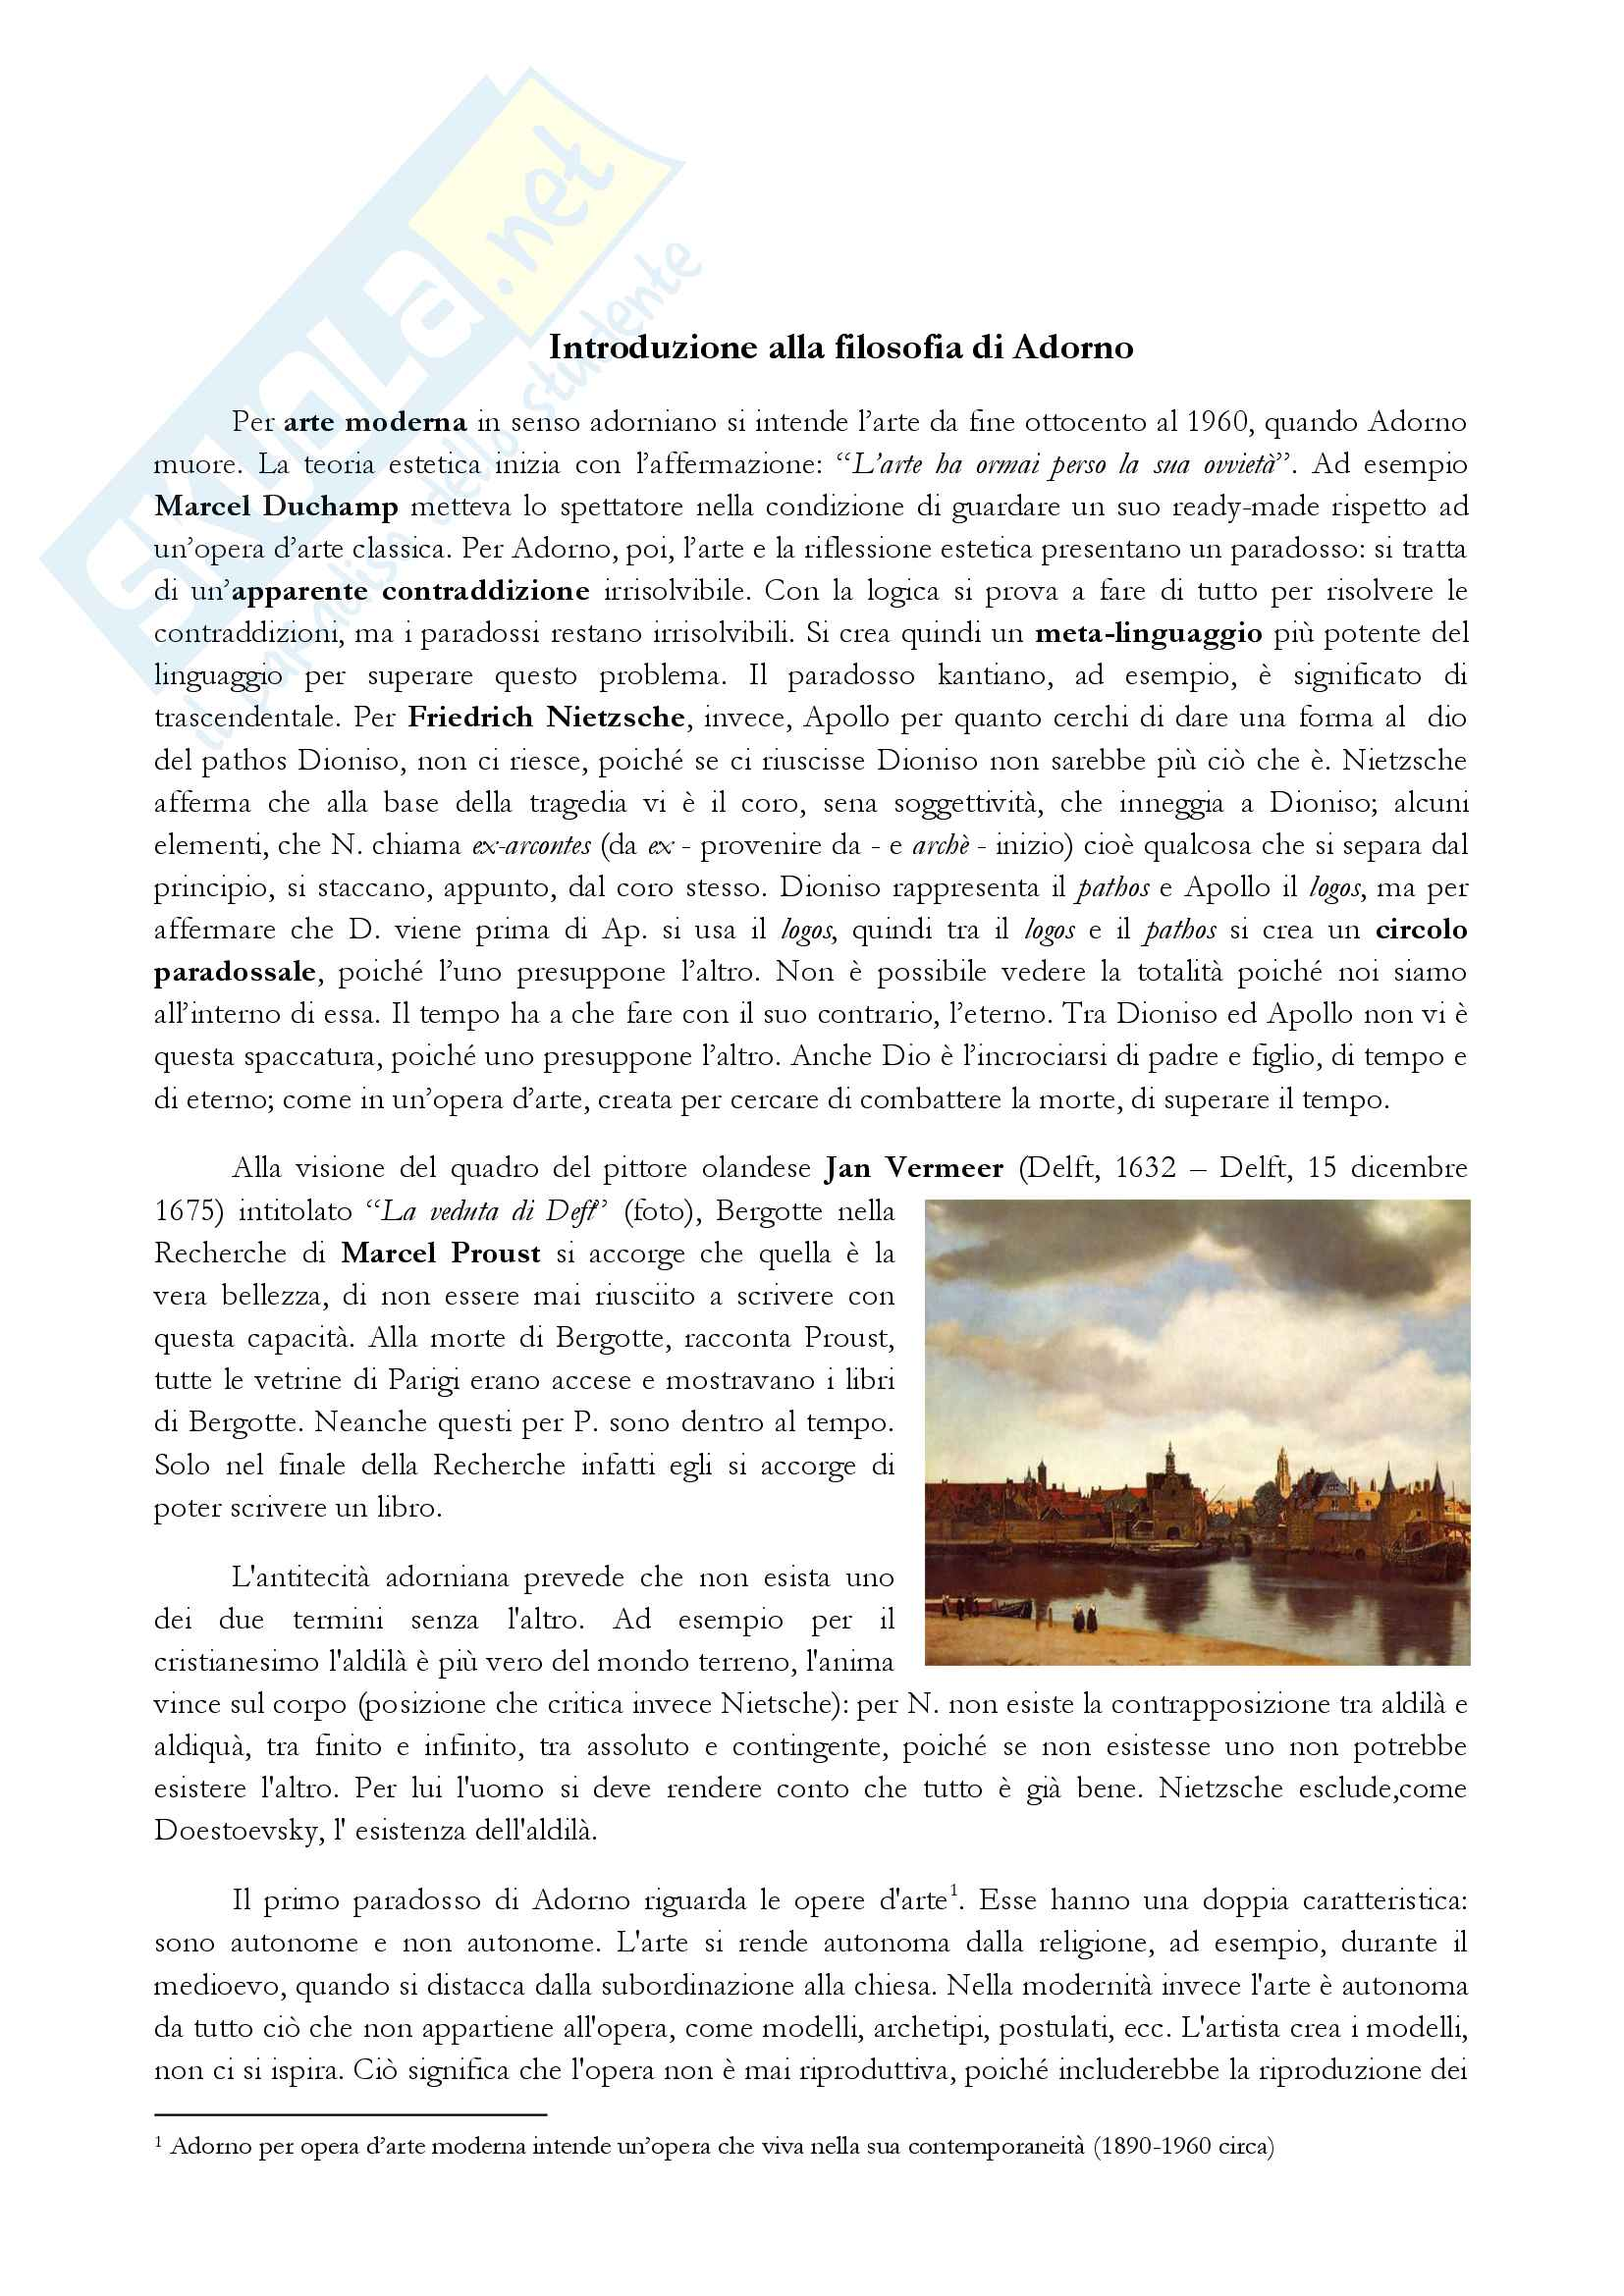 Th.W.Adorno - Teoria Estetica (Commentata e spiegata dal prof. Giuseppe Di Giacomo)